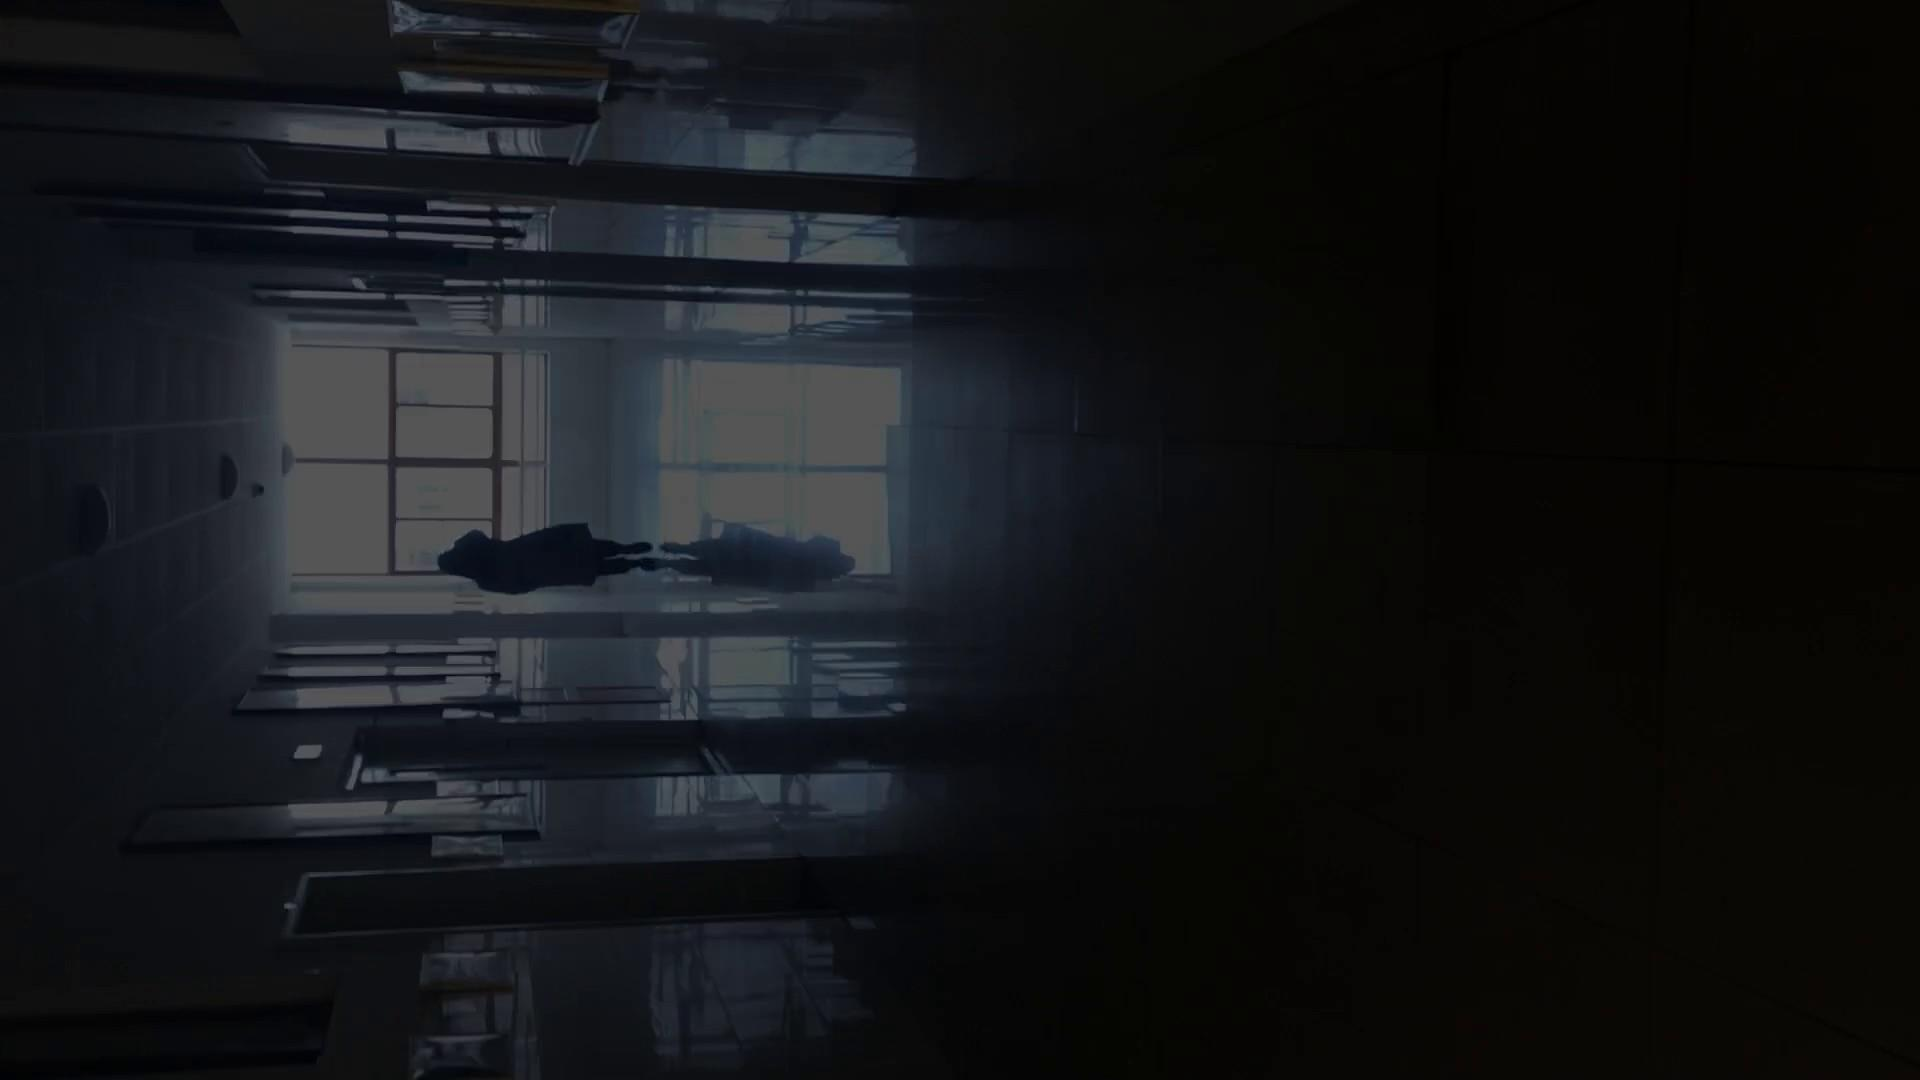 芸術大学ガチ潜入盗撮 JD盗撮 美女の洗面所の秘密 Vol.88 ギャル攻め スケベ動画紹介 56画像 13